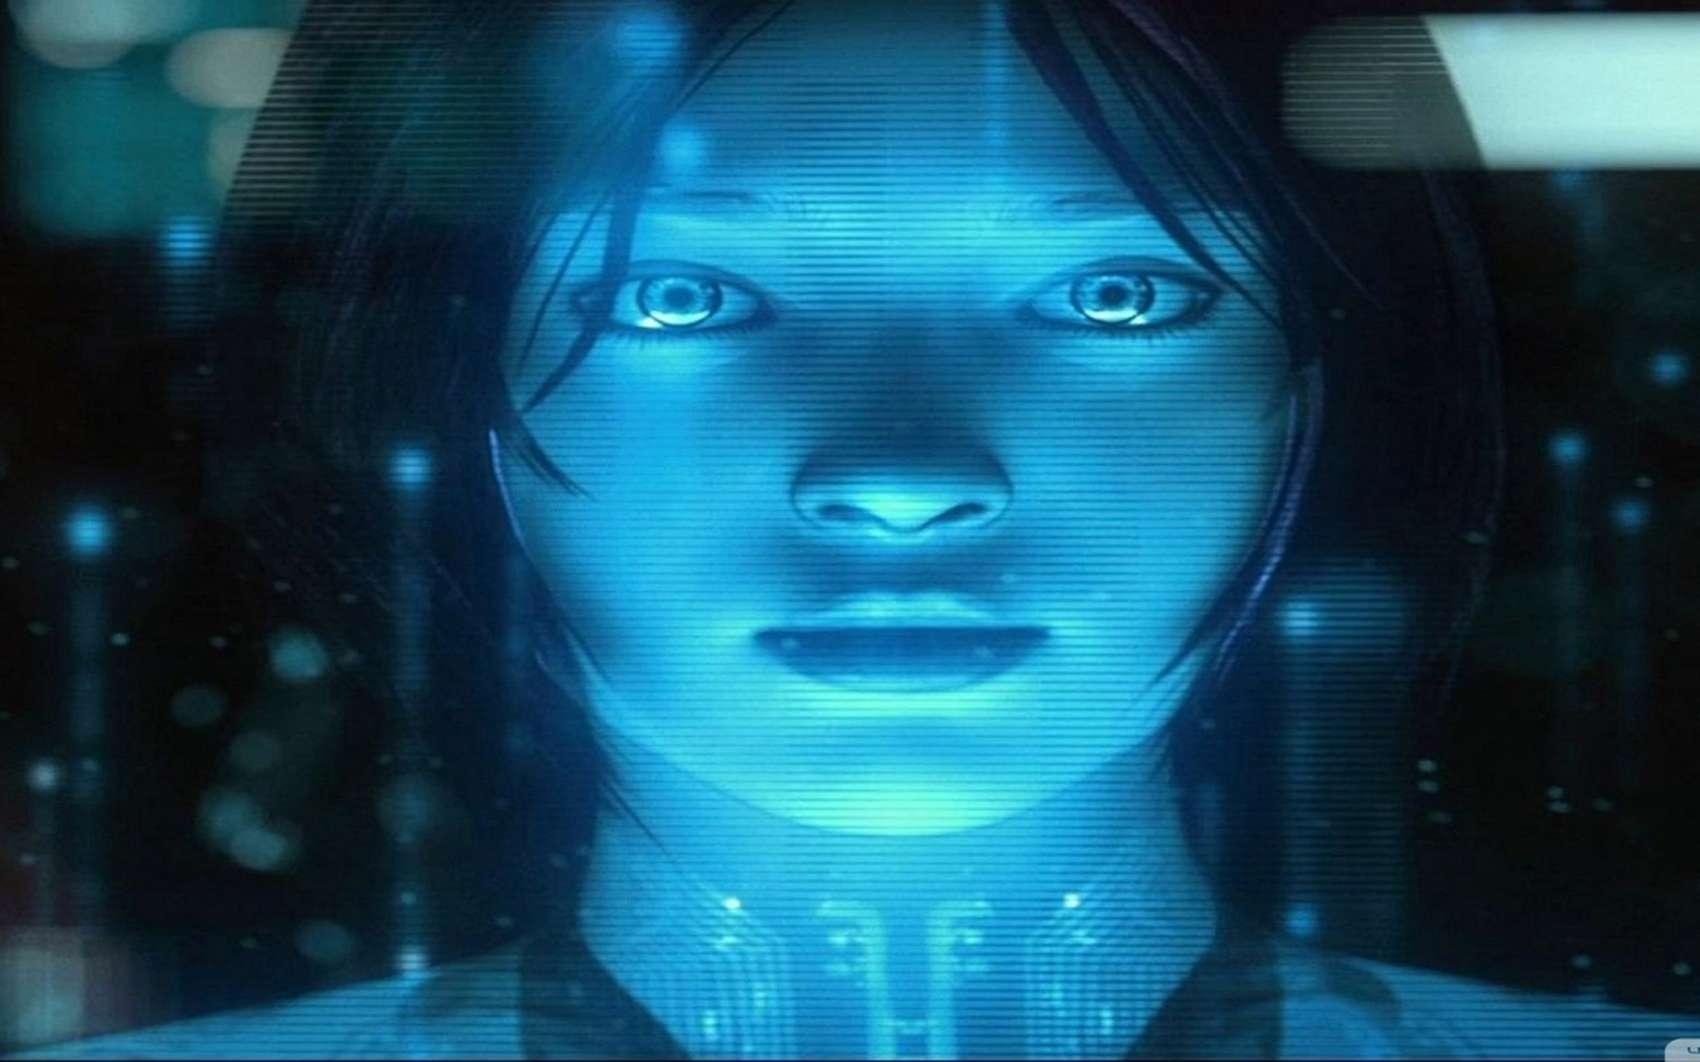 Futura vous explique la marche à suivre pour désactiver Cortana sur Windows 10. © Getwallpapers.com